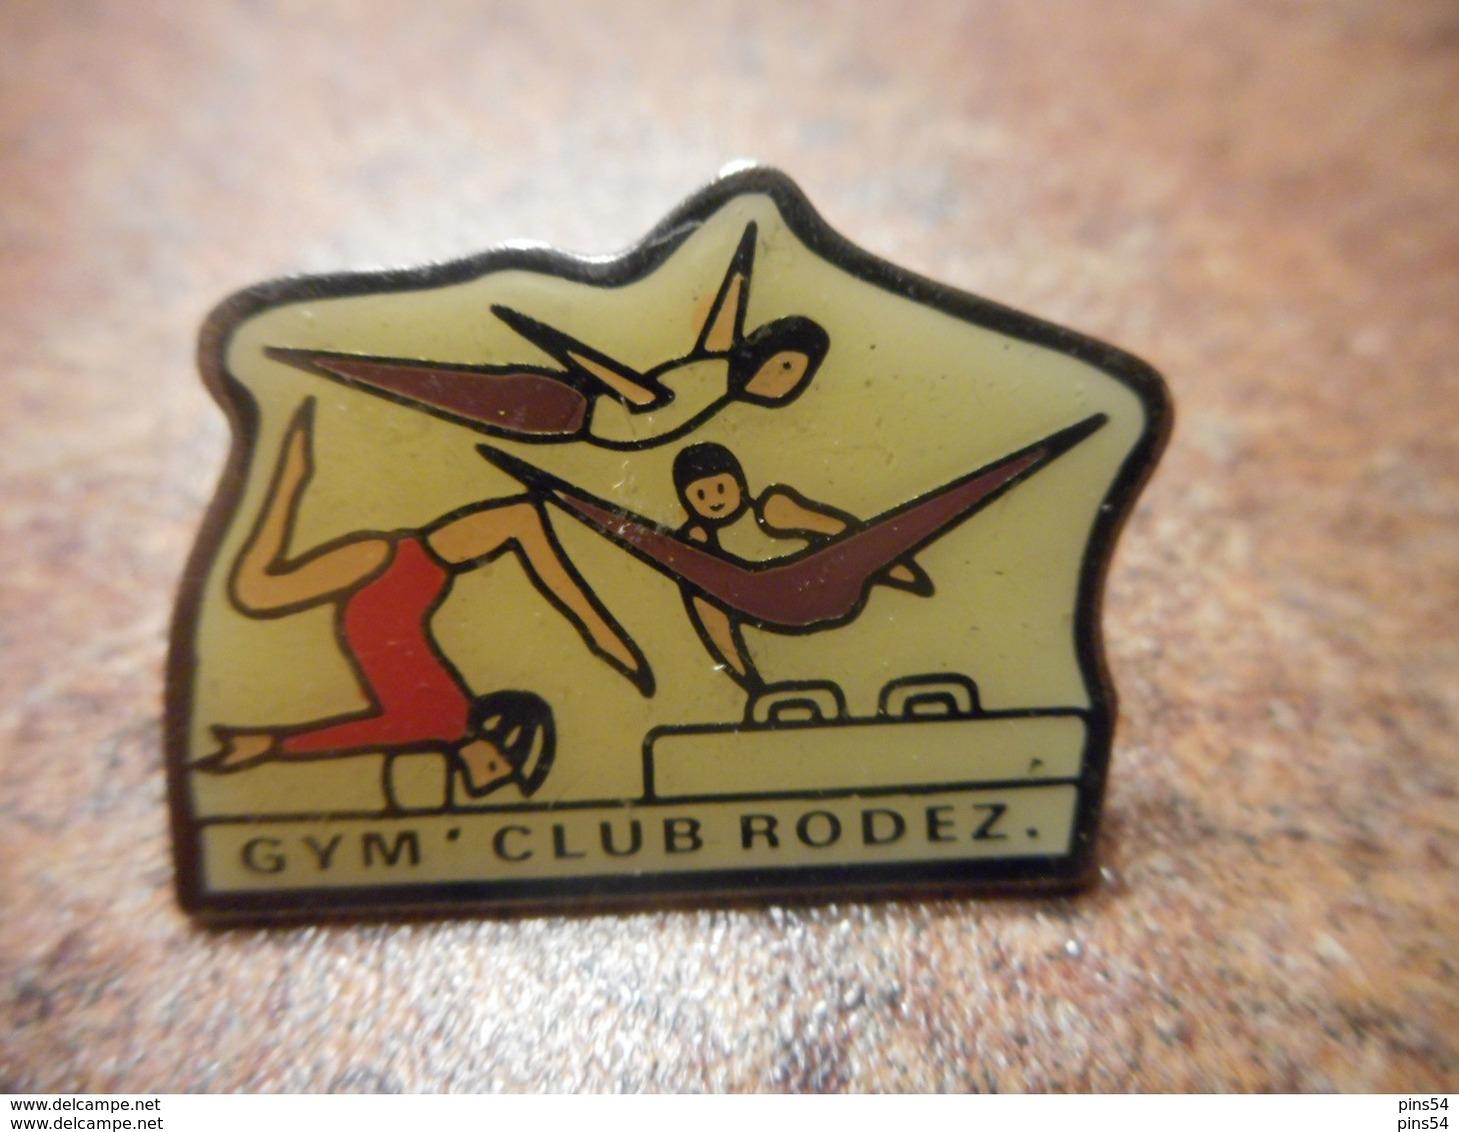 A031 -- Pin's Gym Club Rodez - Gimnasia